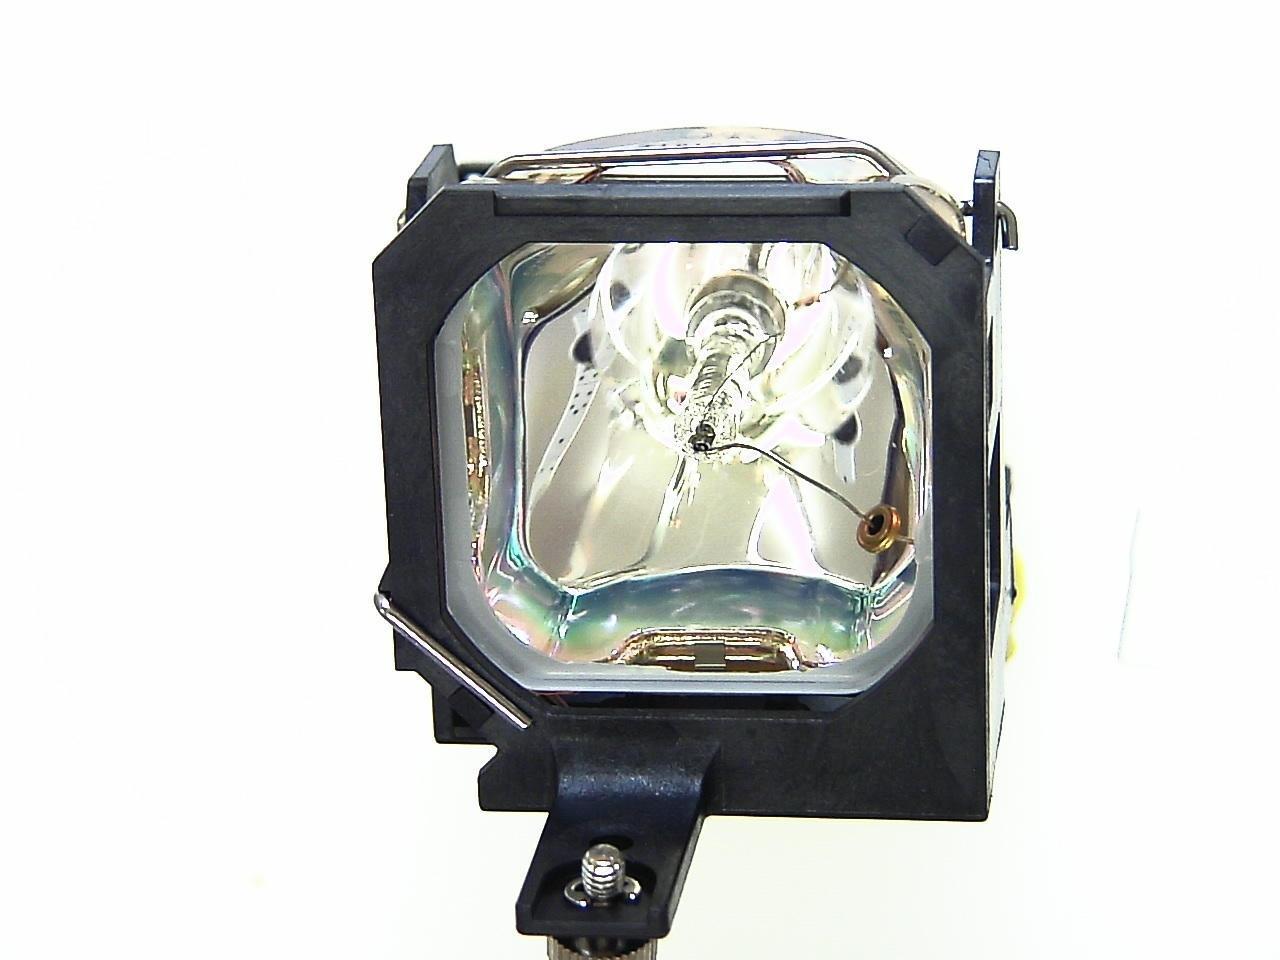 Foto Actualizado lámpara - ballasta (lastre) delta para delta av 210